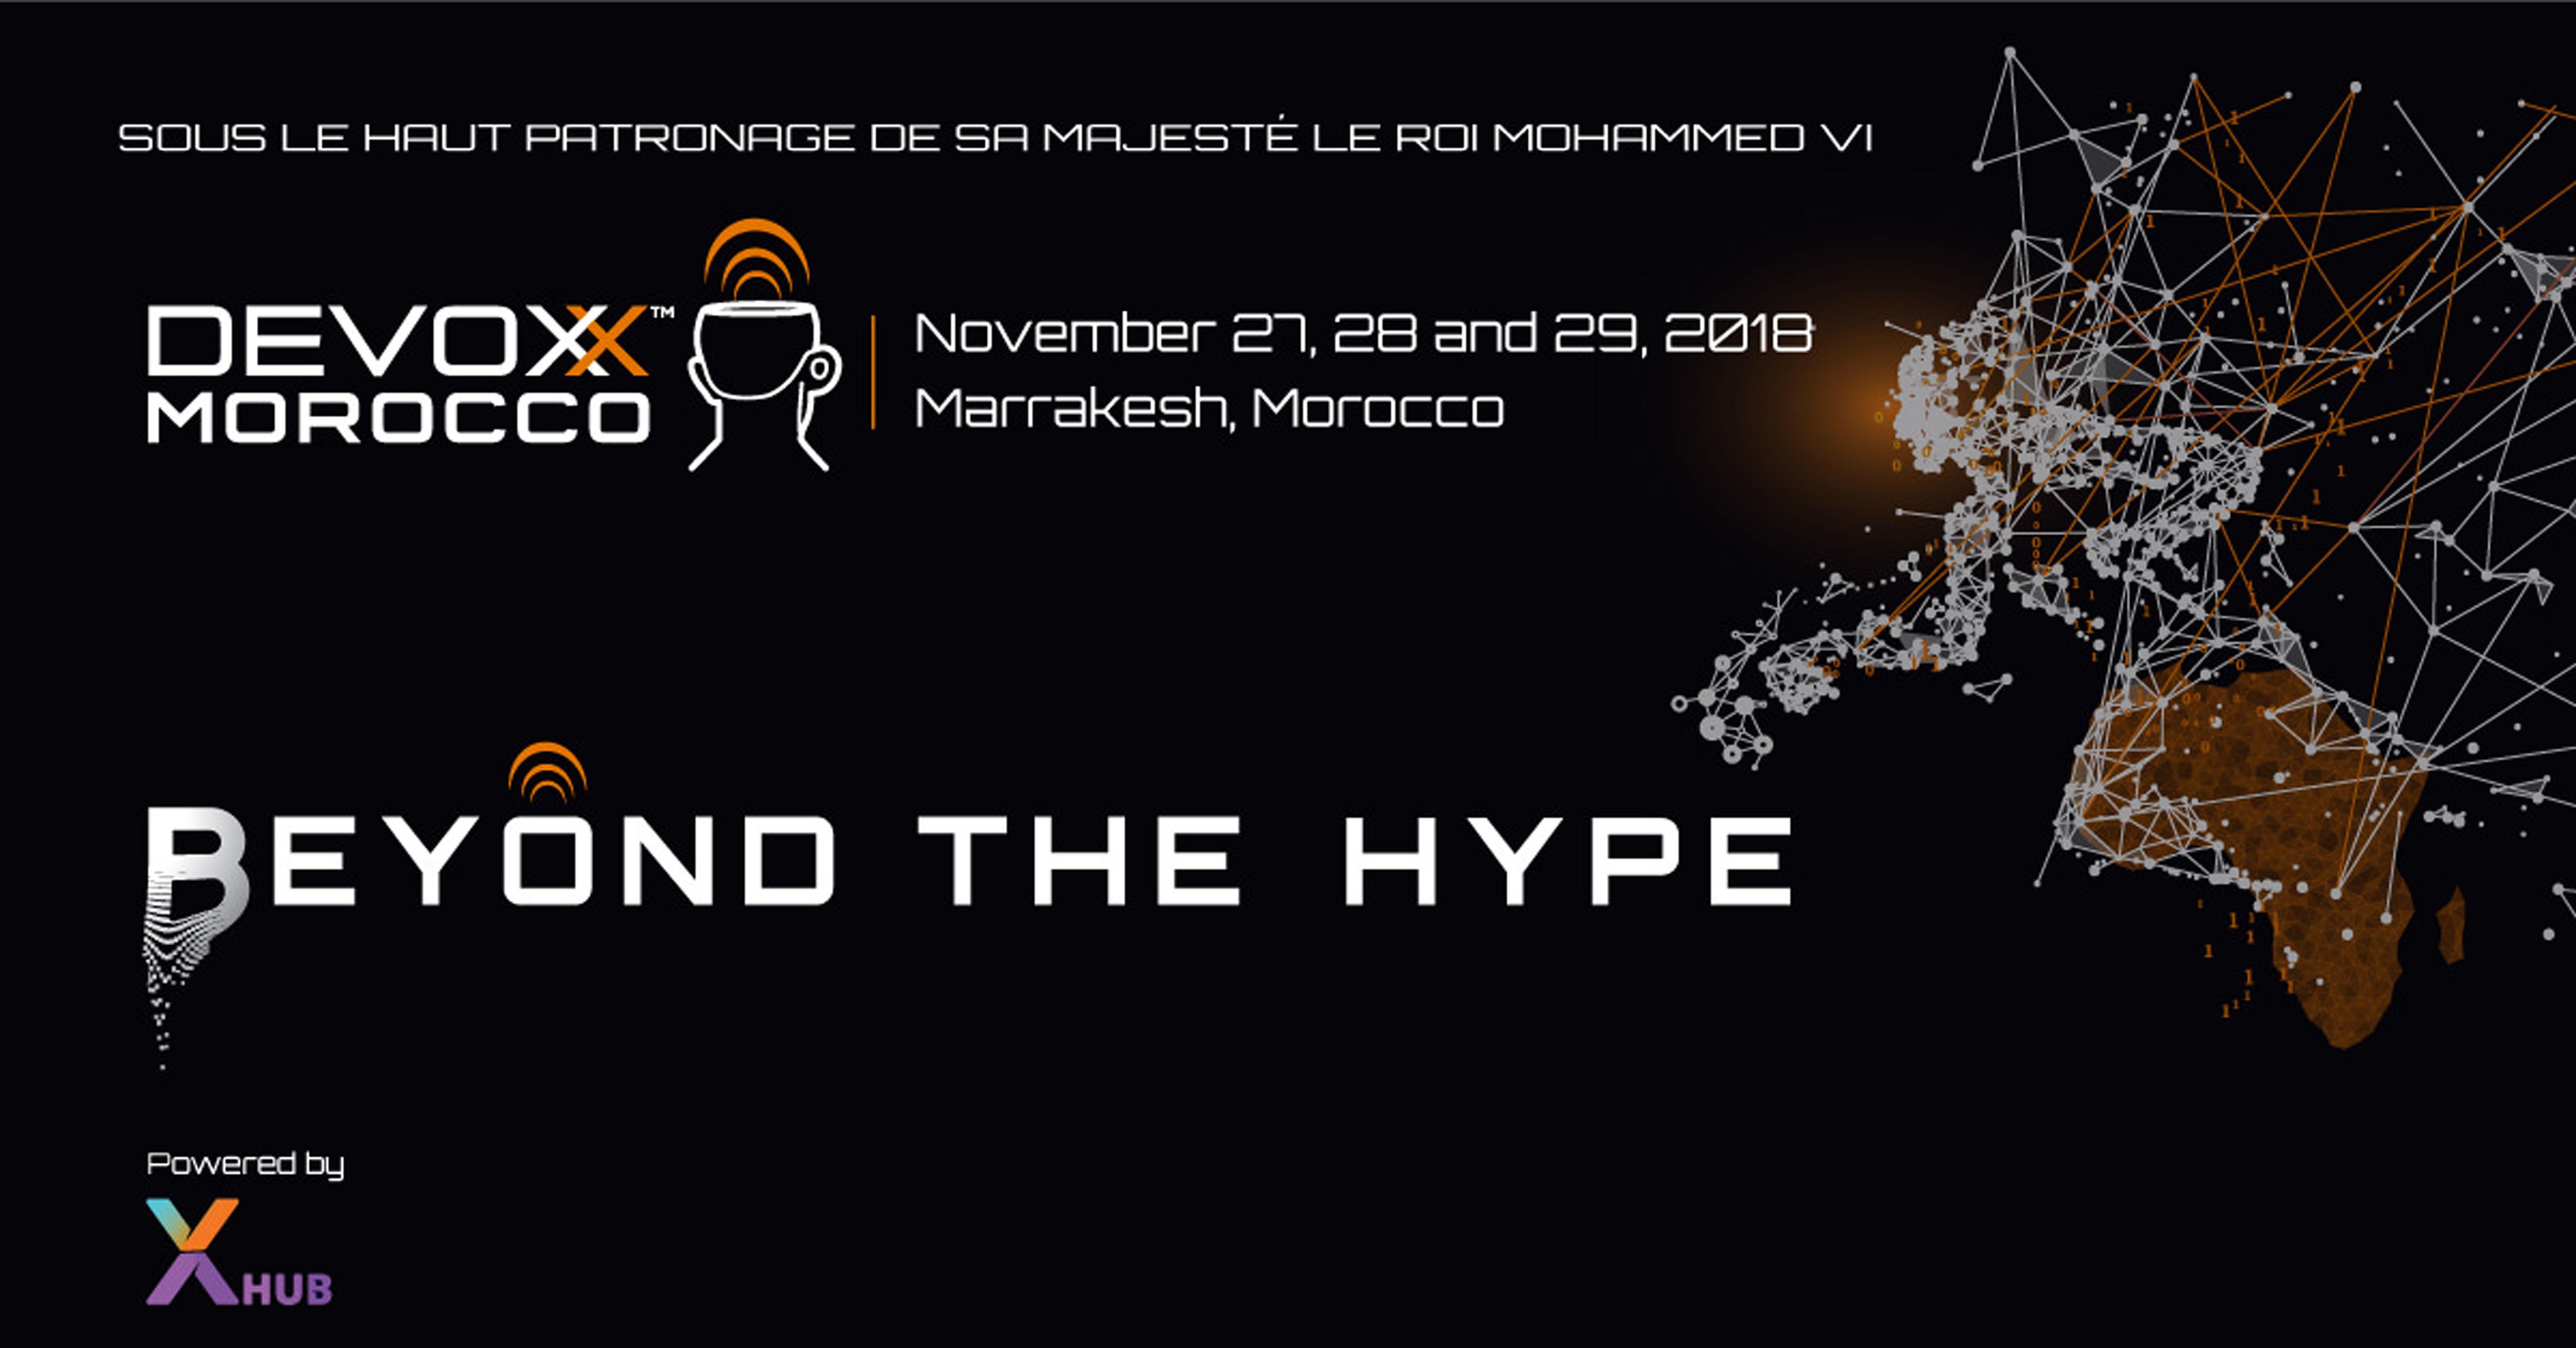 Devoxx Maroc 2018 organise la 7ème édition sous la thématique «Beyond the hype»